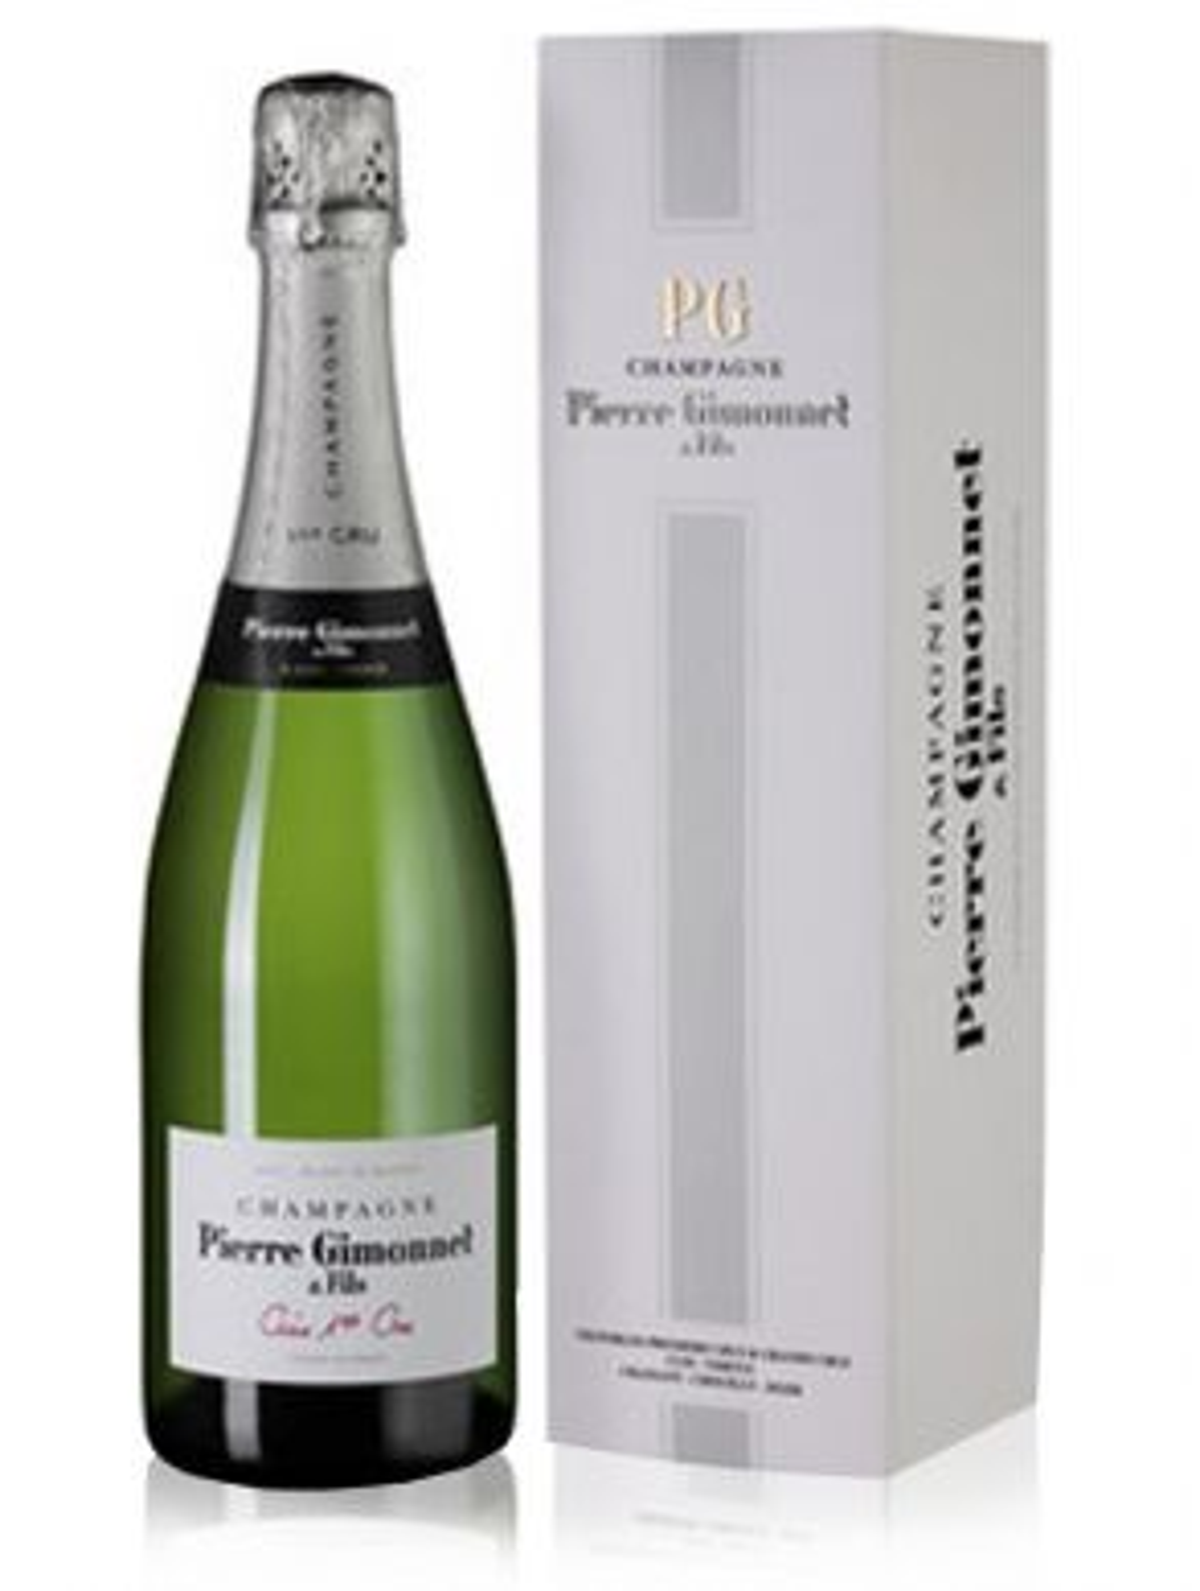 Pierre Gimonnet et Fils, Cuis Premier Cru Brut Champagne 75cl